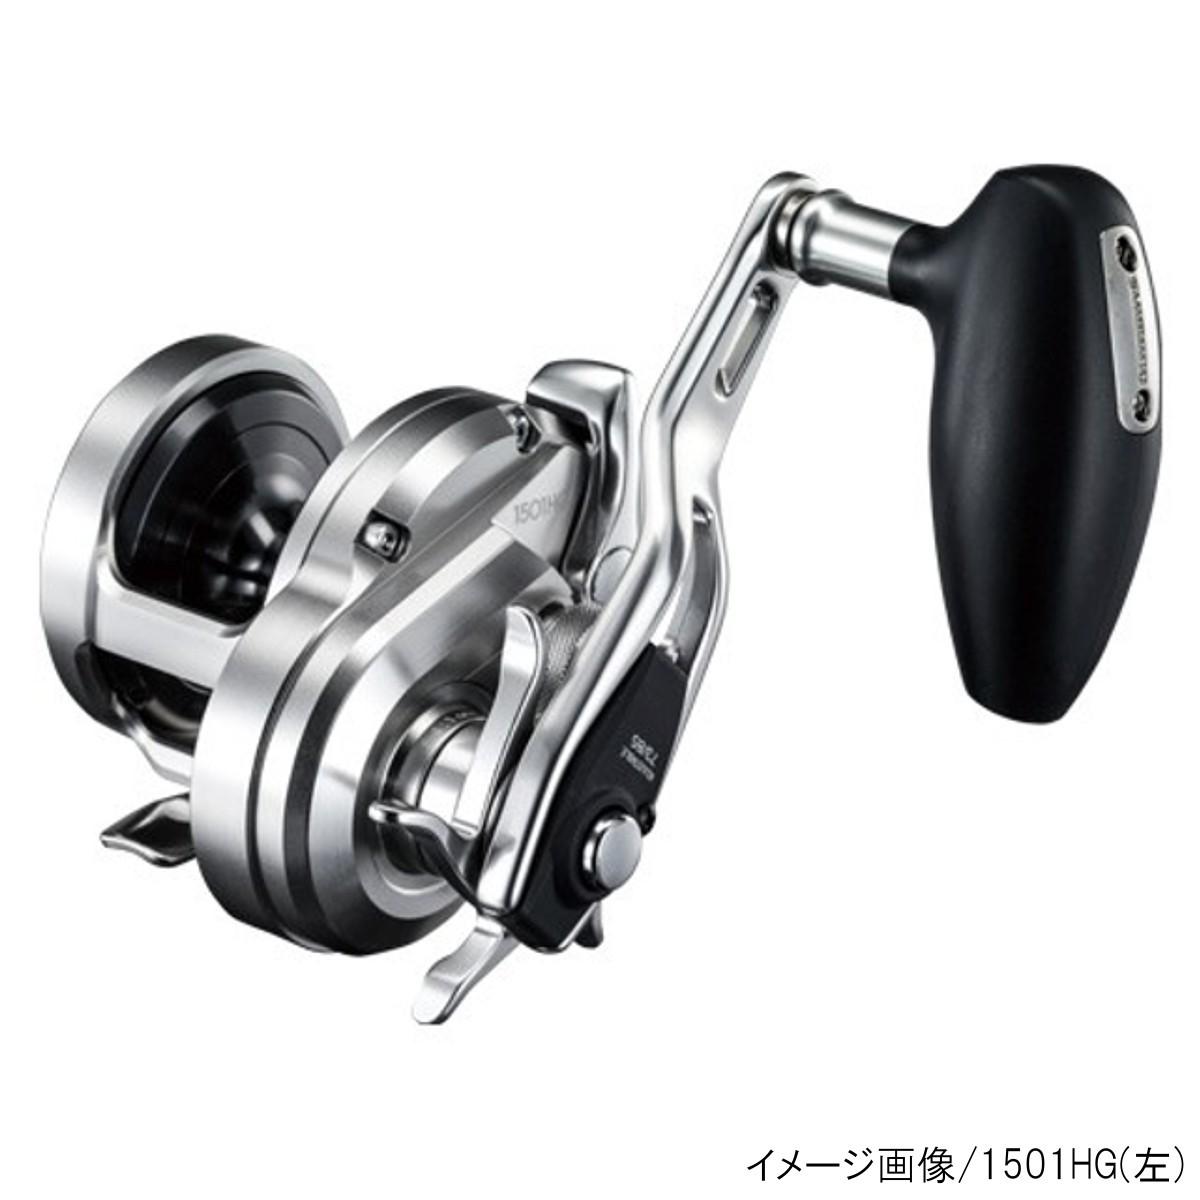 シマノ オシアジガー 1001HG(左)